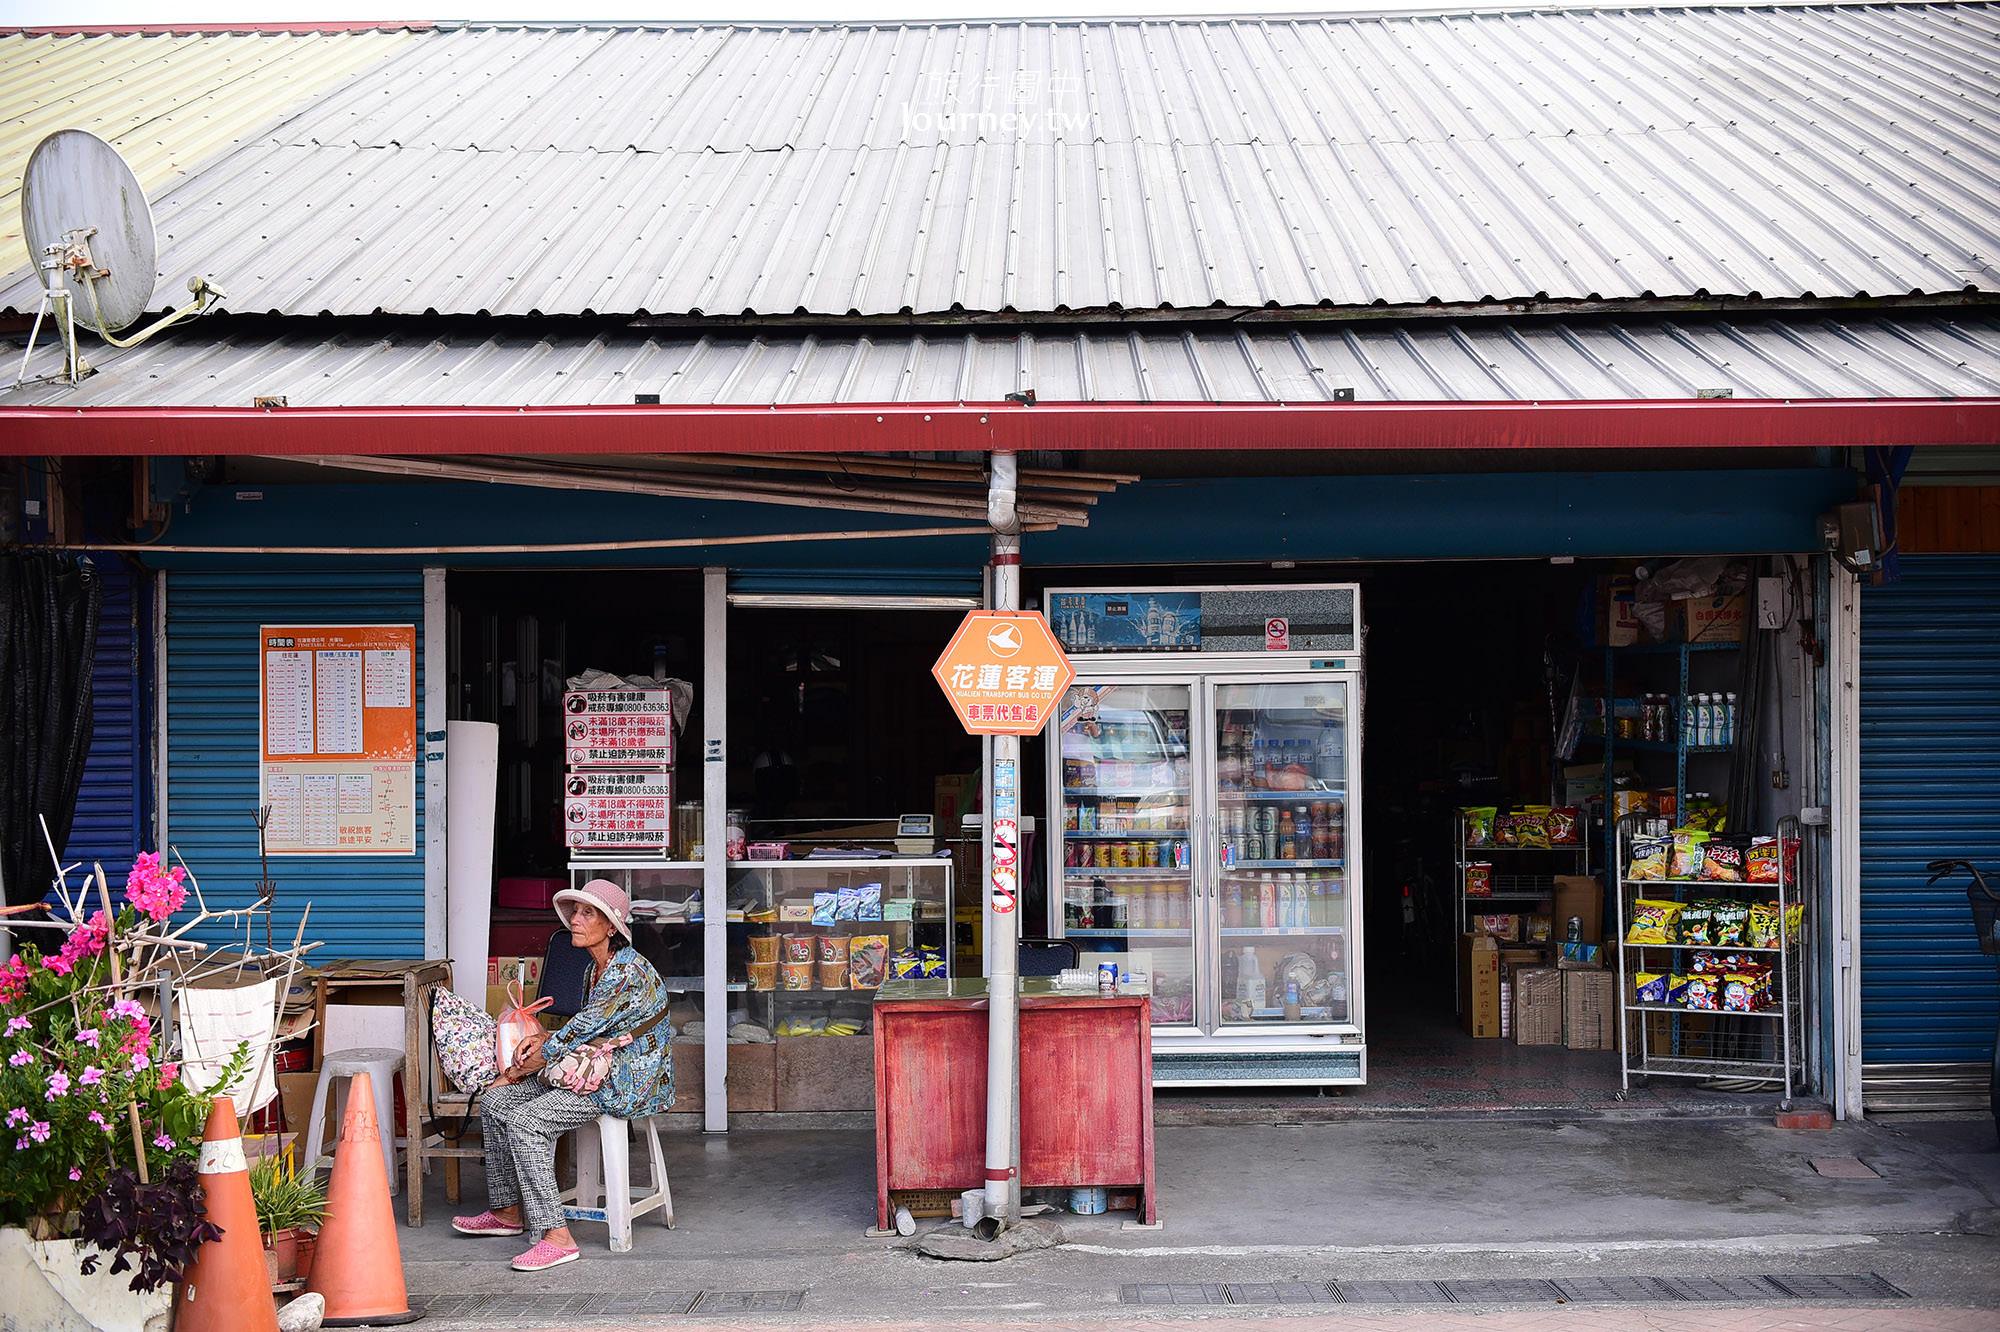 花蓮,光復鄉,光復車站,花蓮糖廠